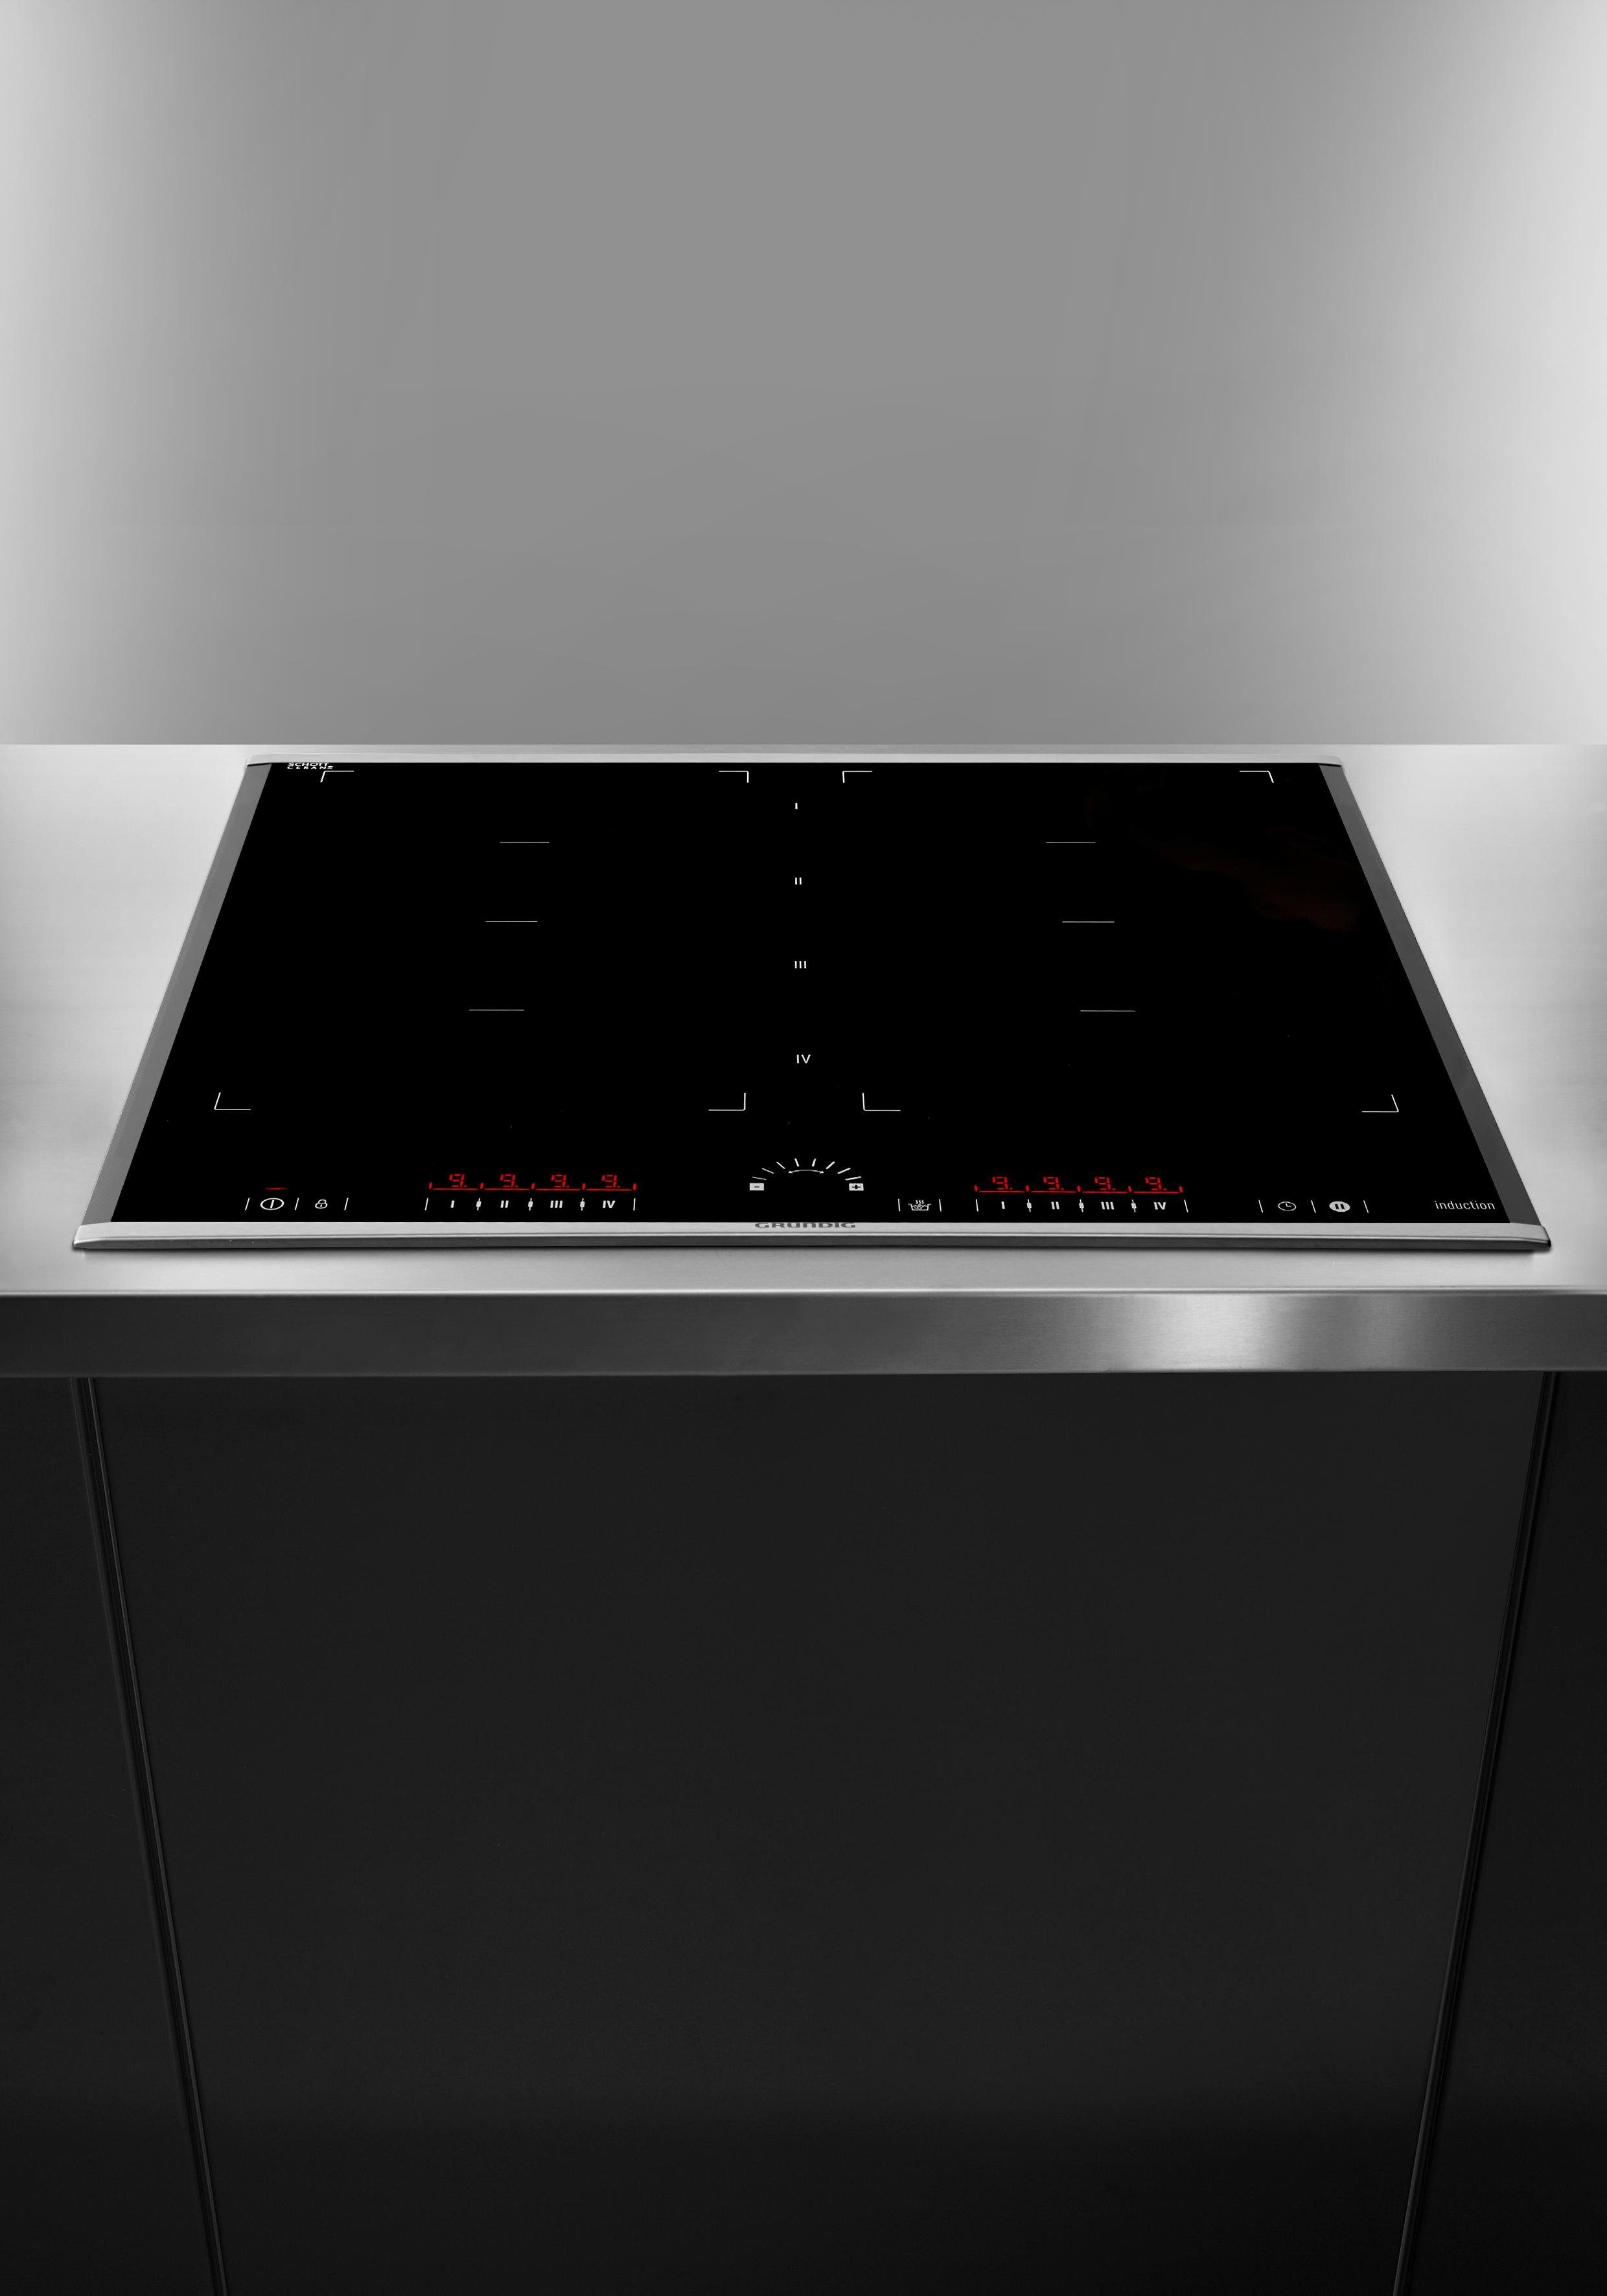 Grundig Flex-Induktions-Kochfeld von Schott Ceran® GIEI 635880 X